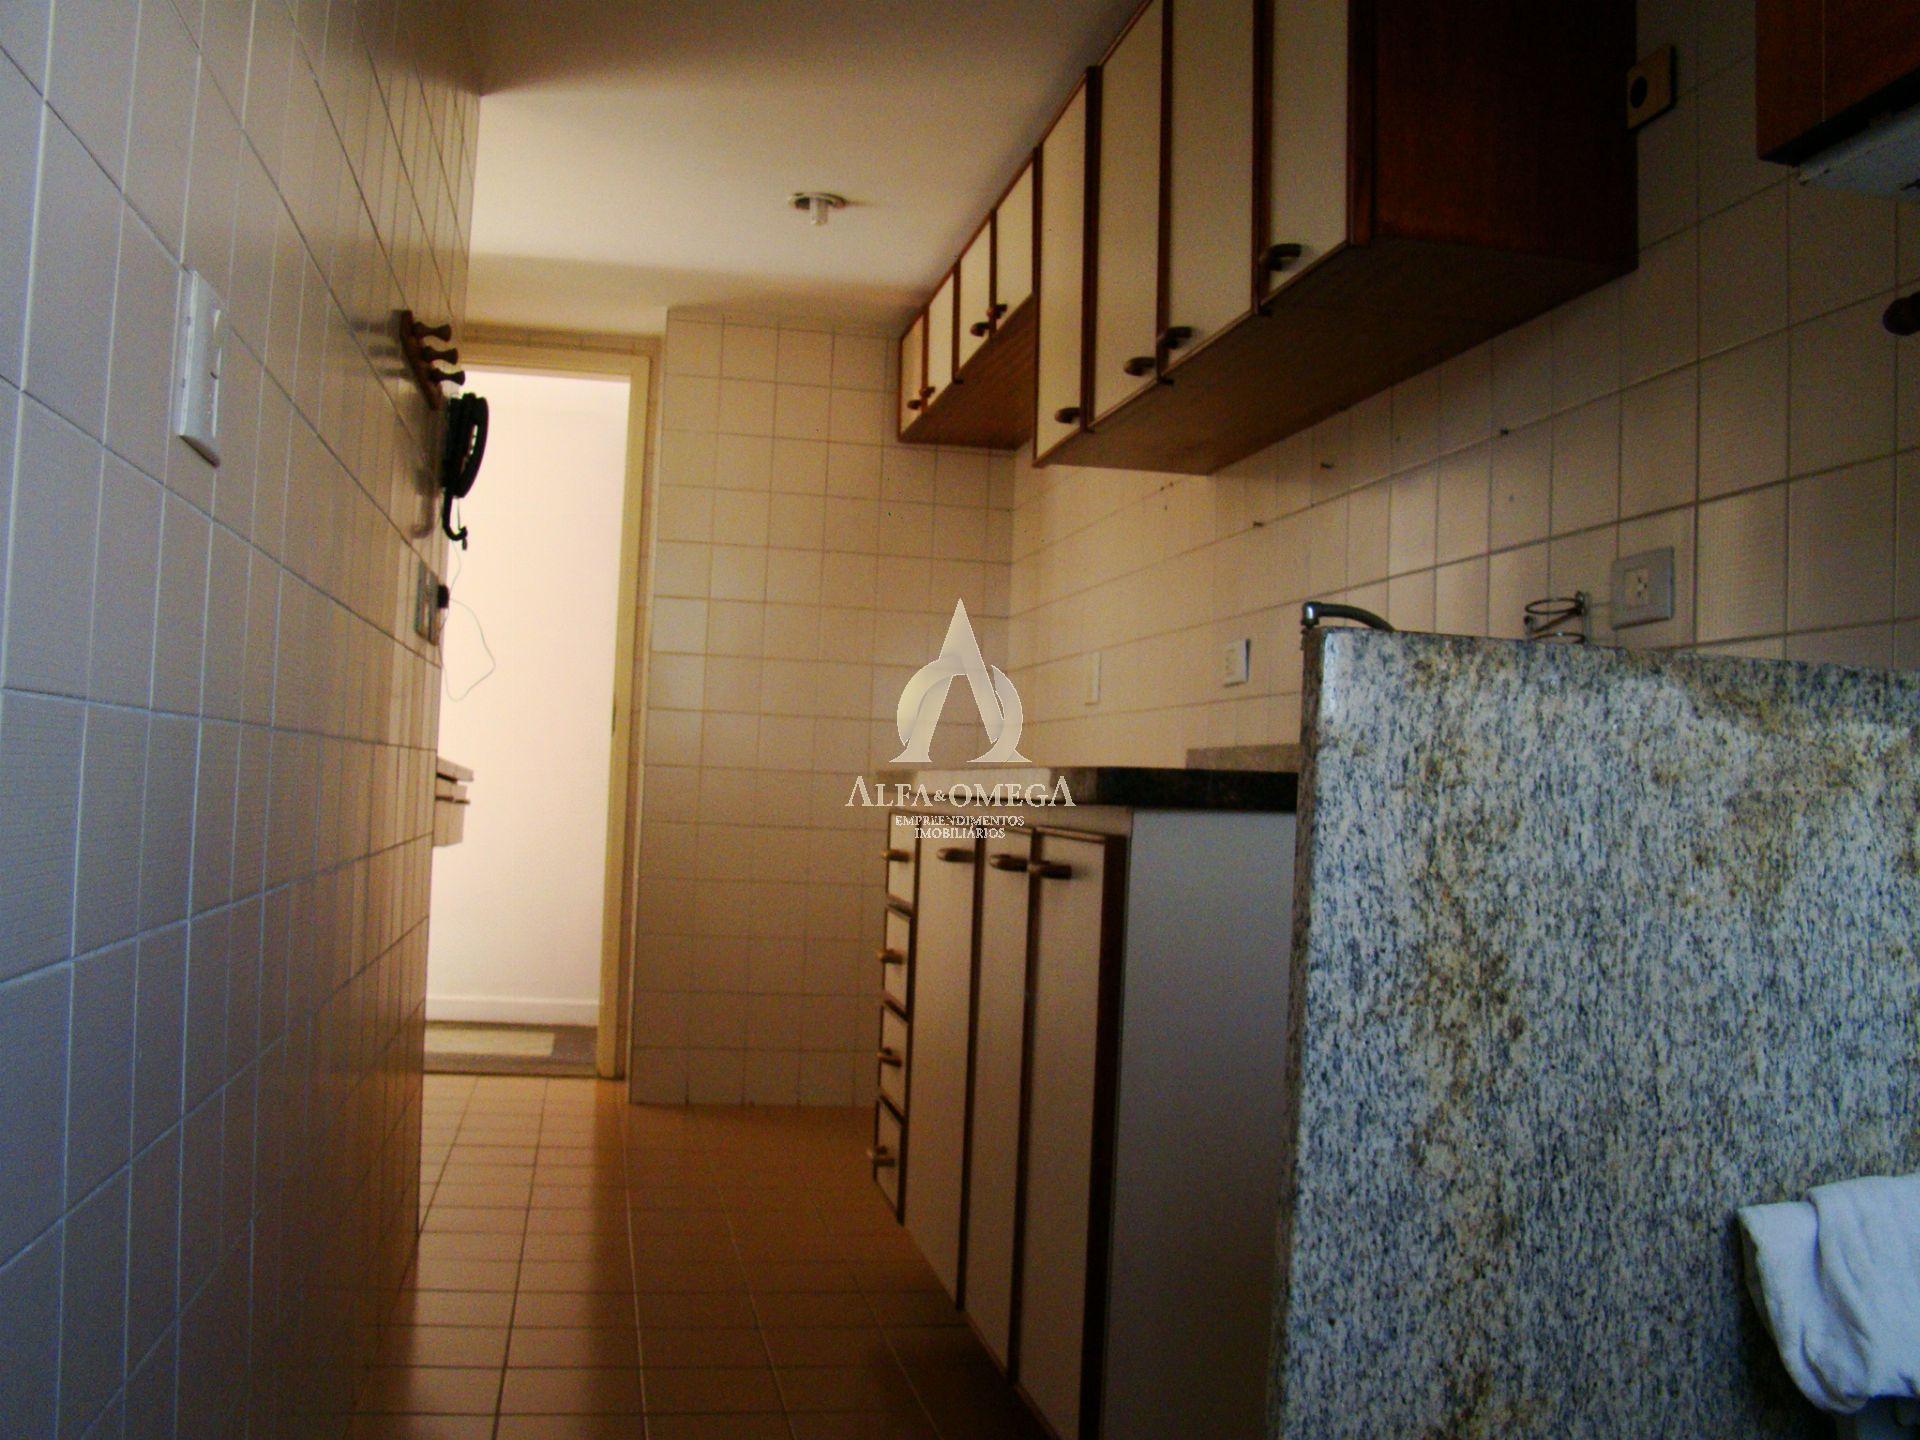 FOTO 9 - Apartamento 2 quartos à venda Barra da Tijuca, Rio de Janeiro - R$ 650.000 - AO20411 - 11